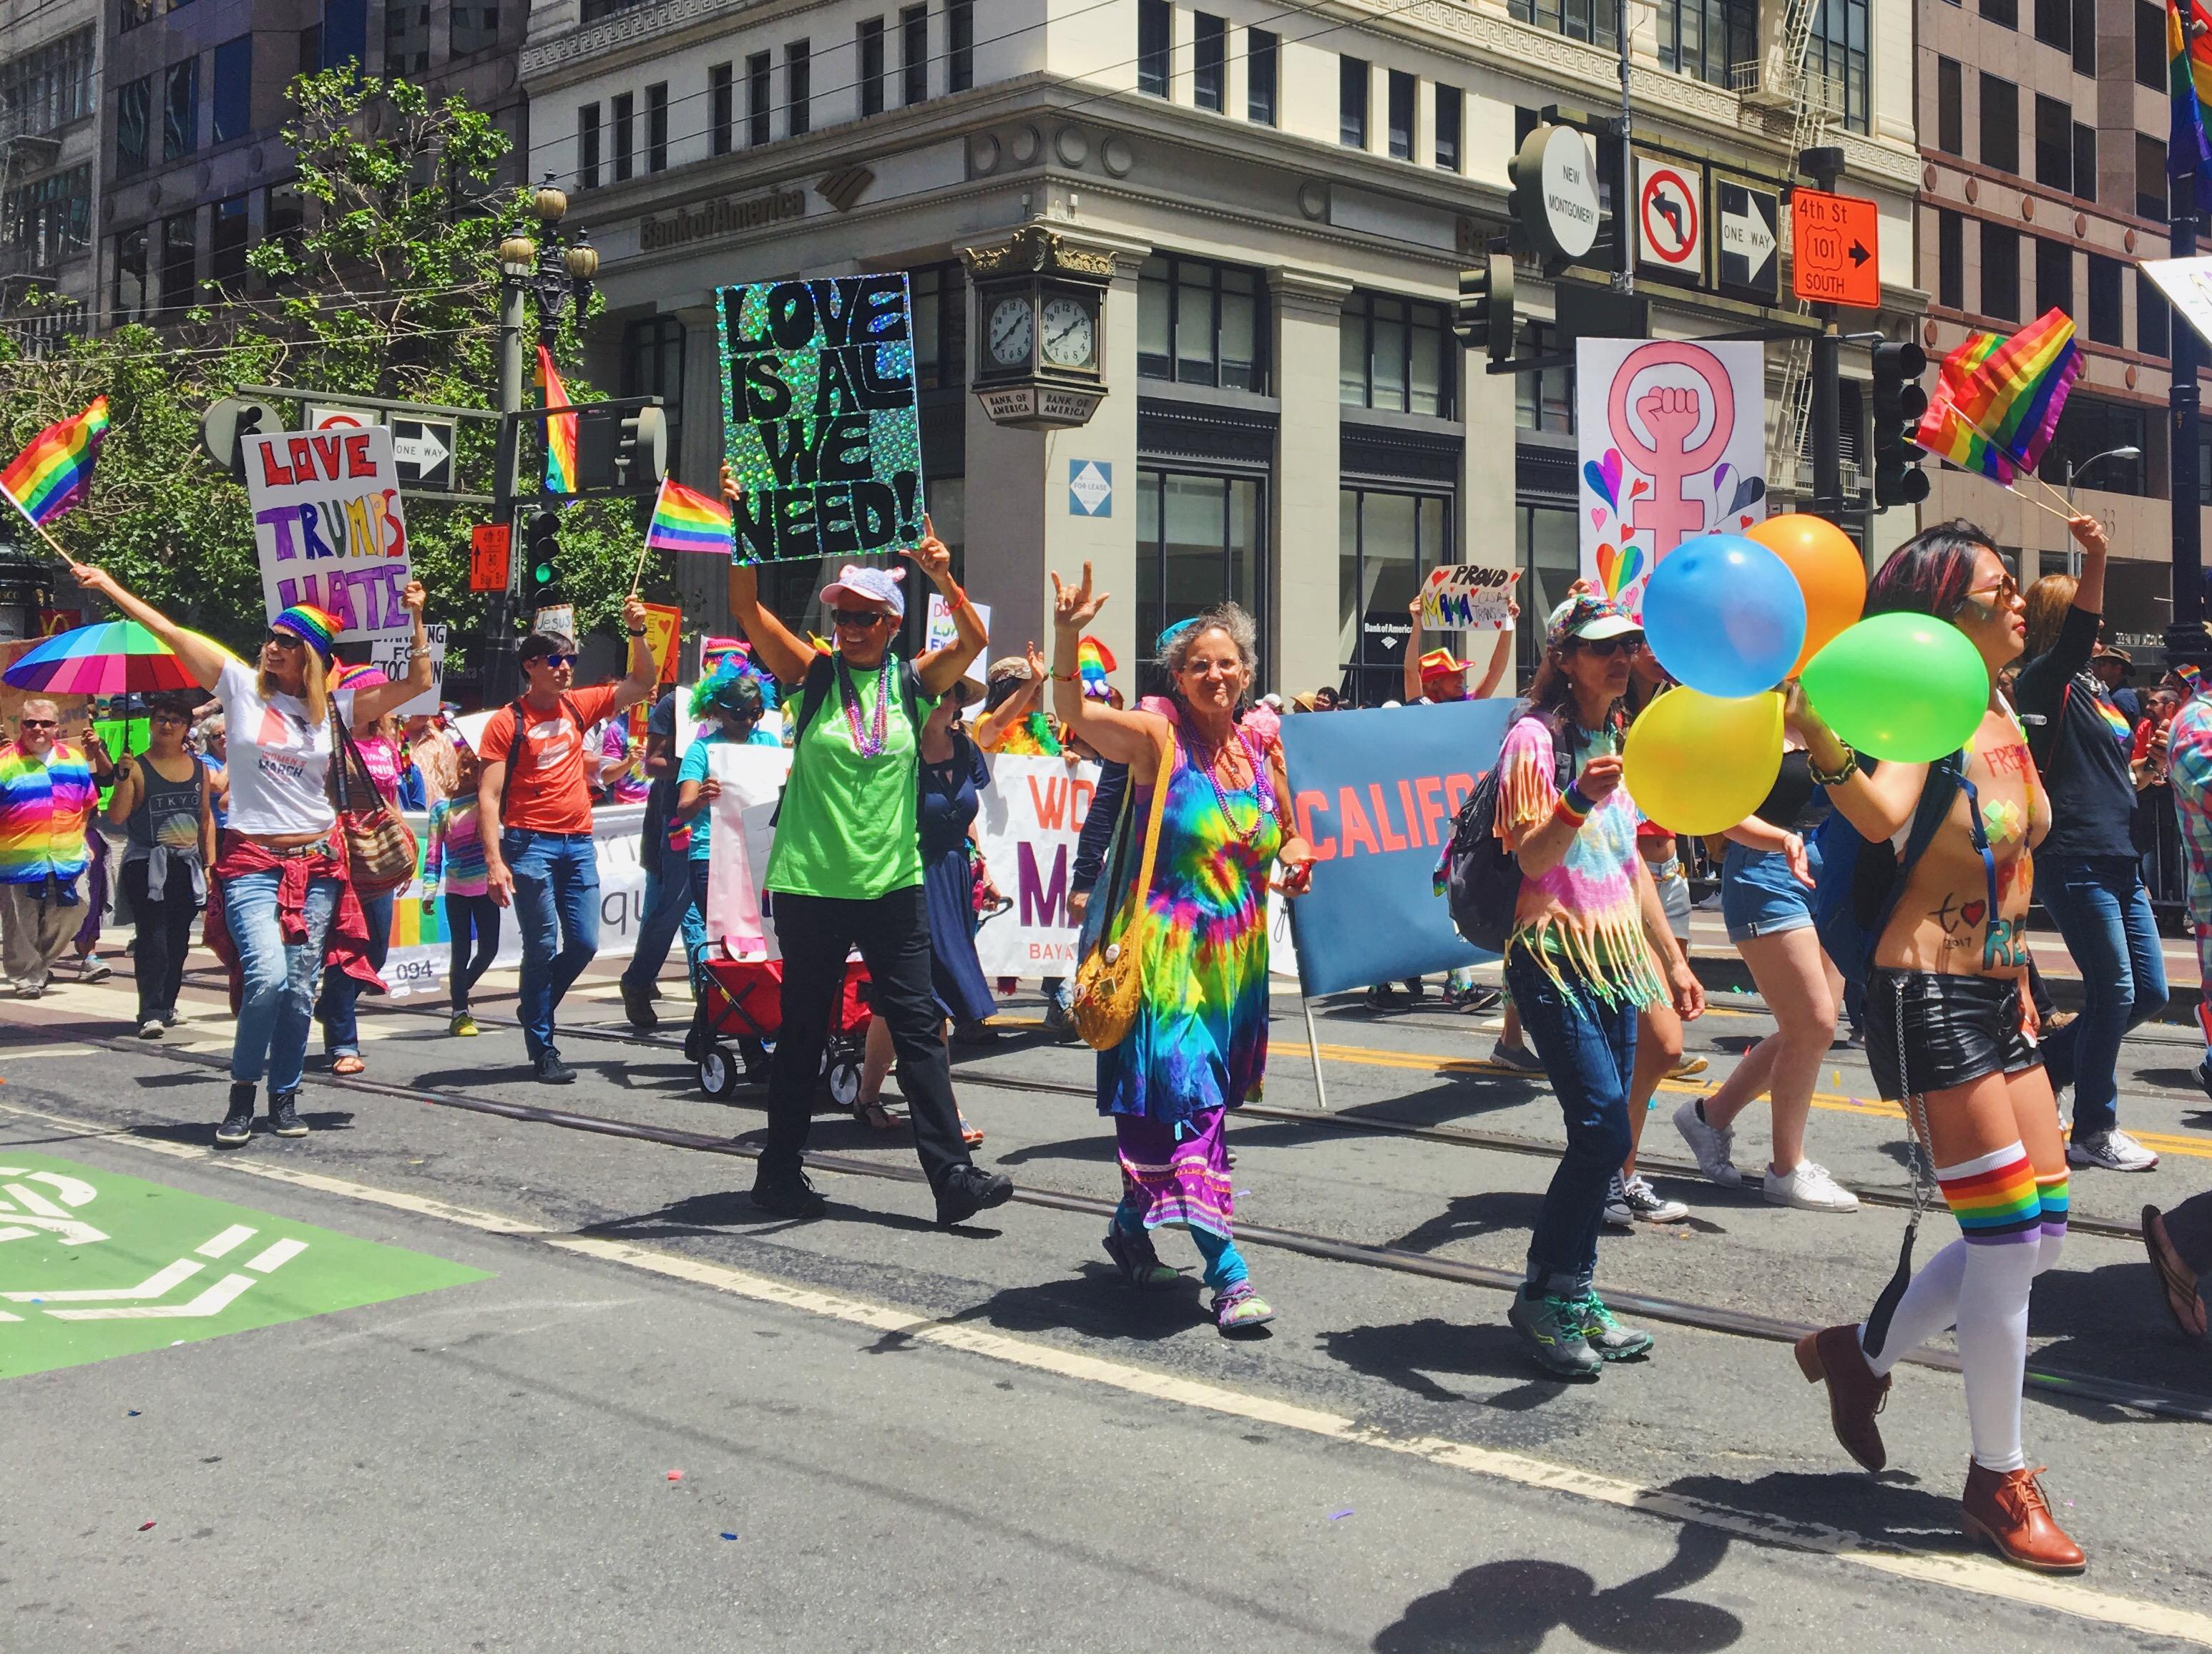 Love is all we need - L'evento migliore di San Francisco - la LGBTQ Pride Parade